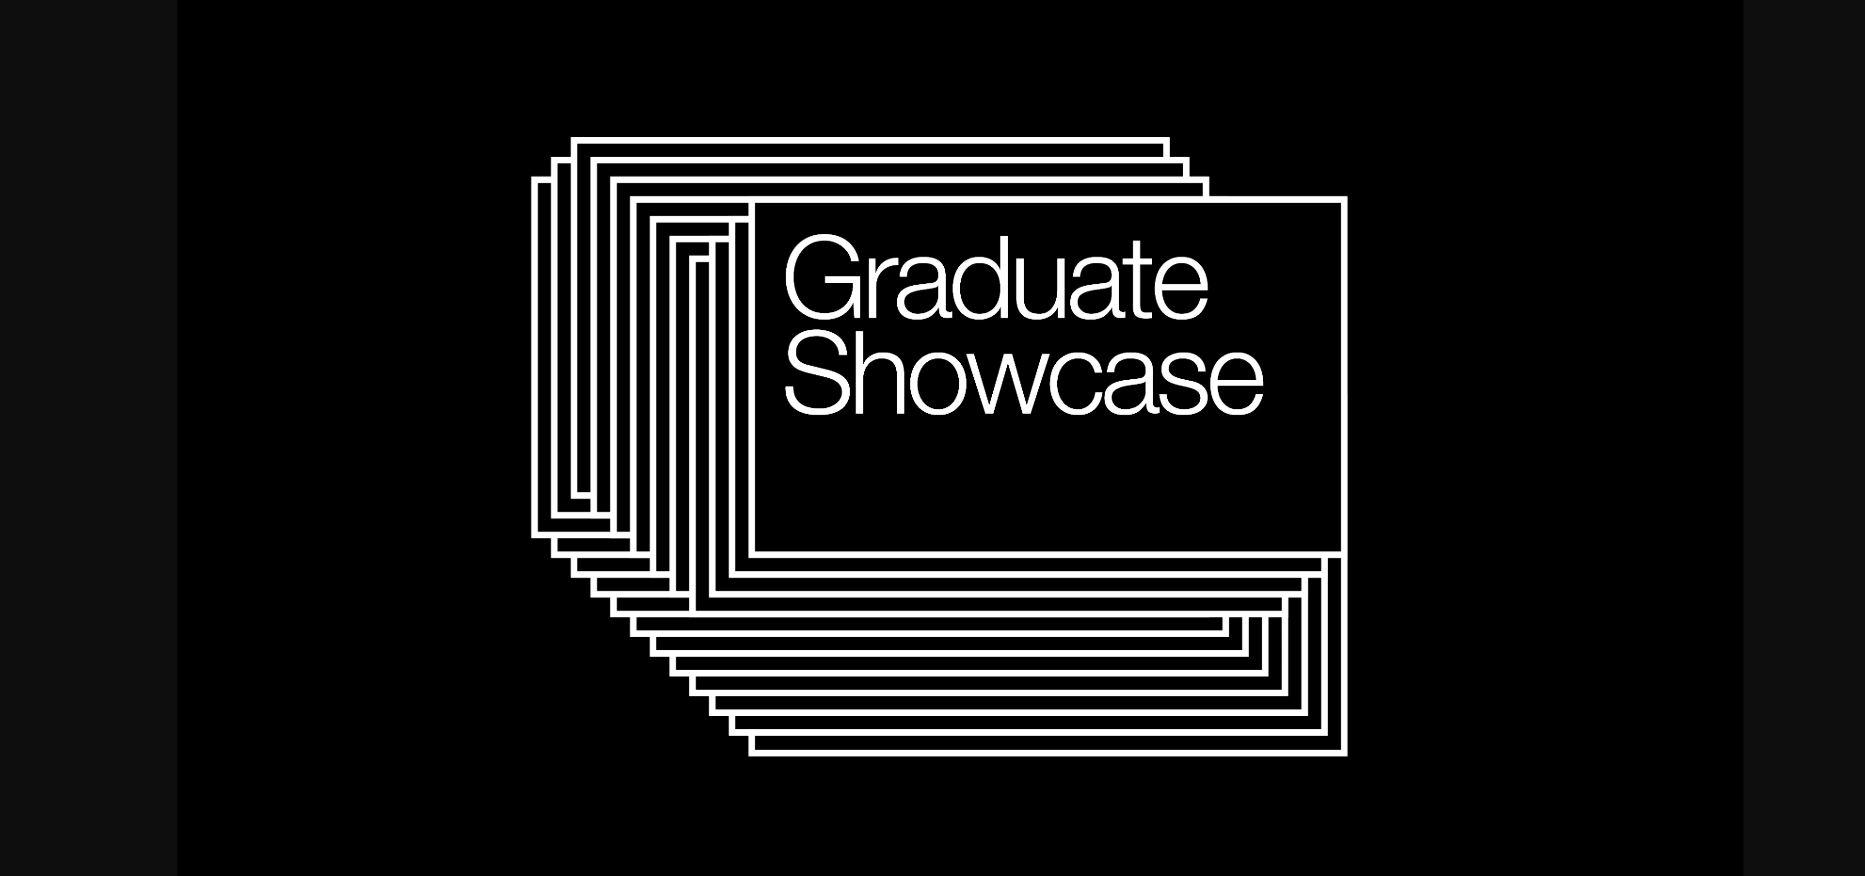 graduate showcase logo